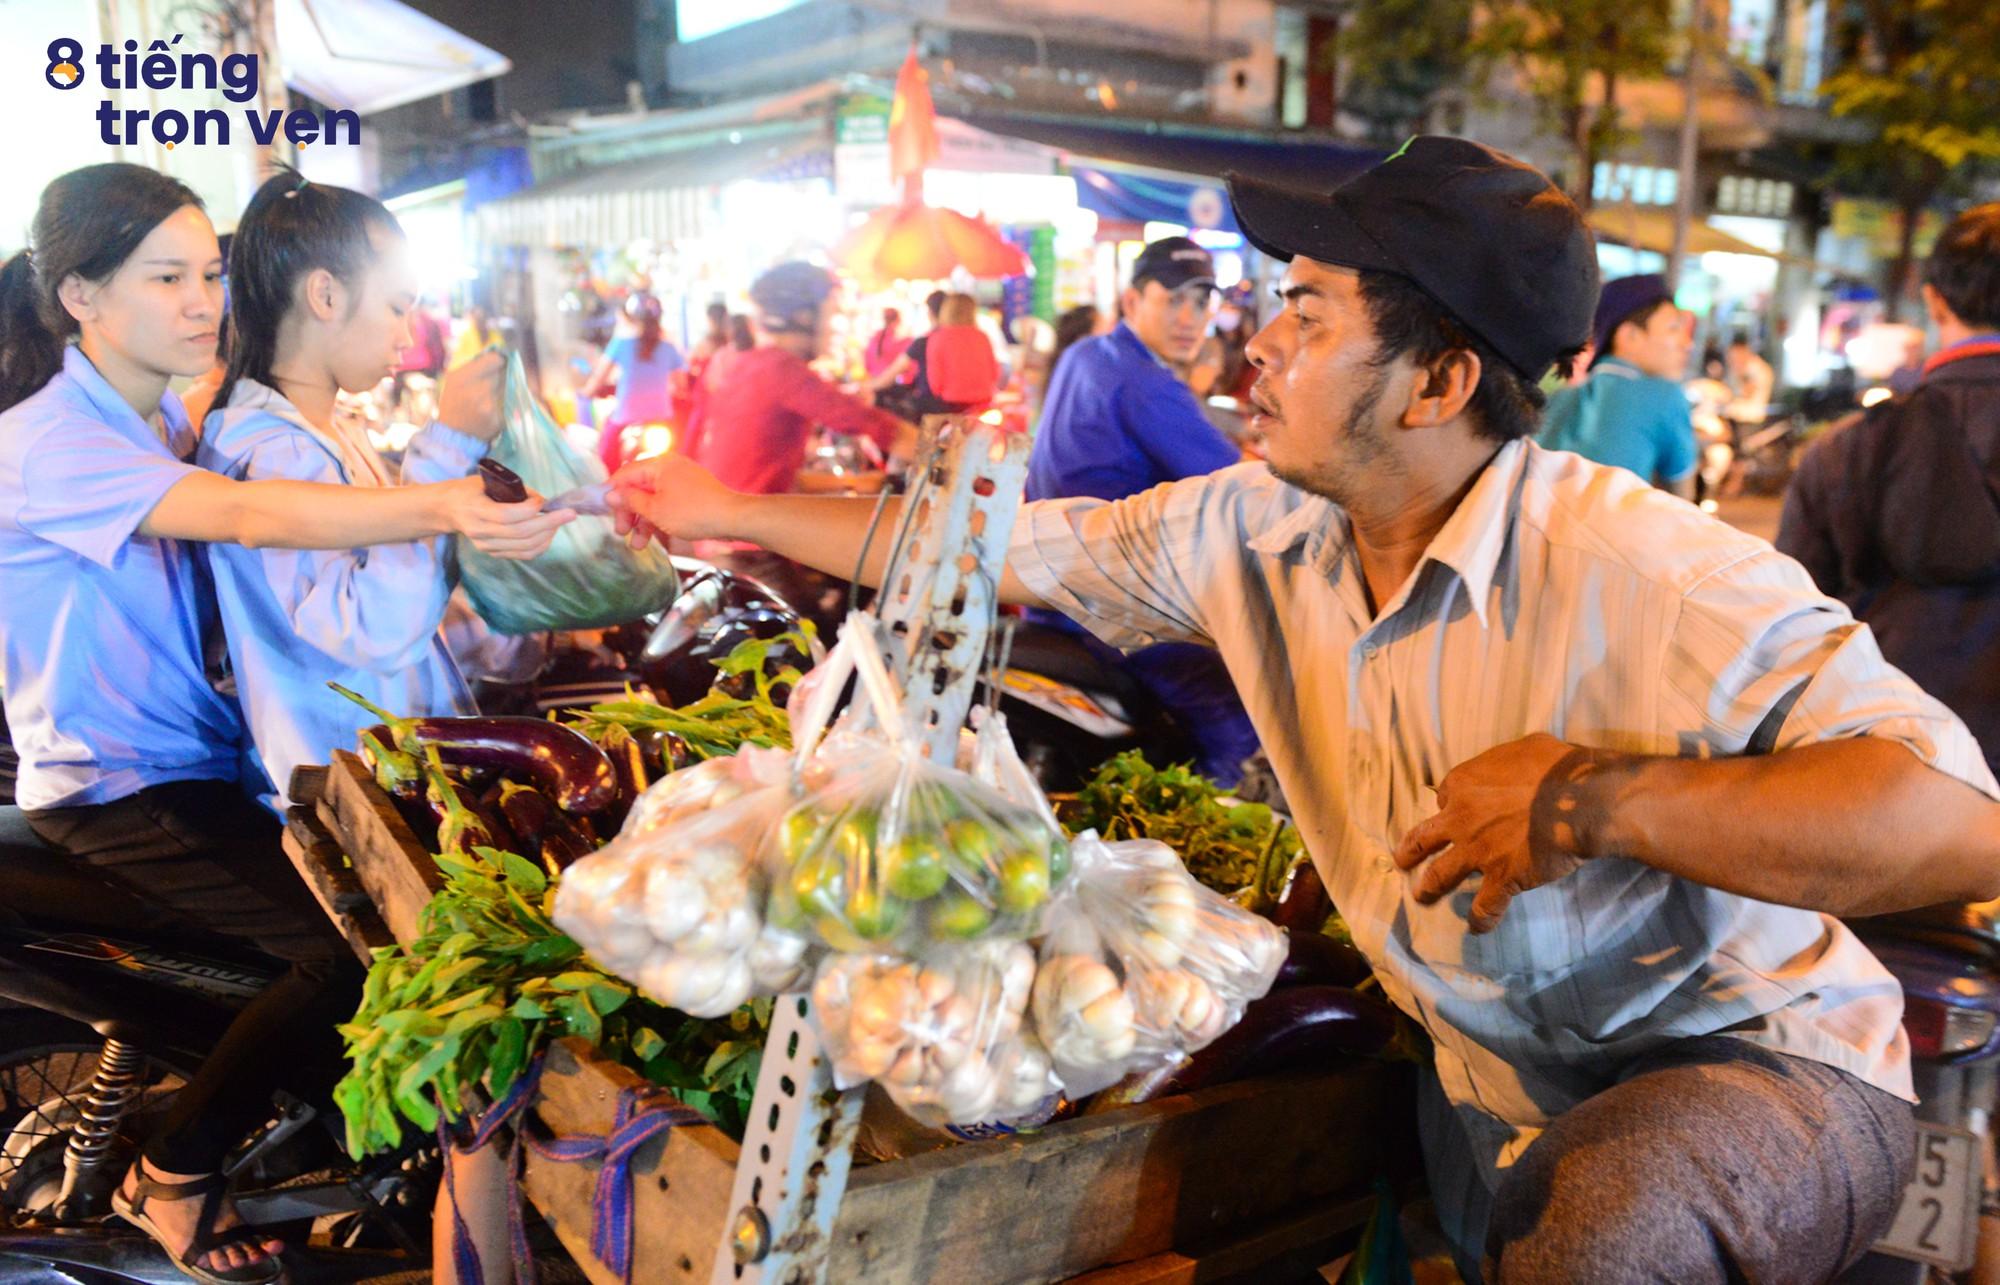 8 tiếng trọn vẹn - Bộ ảnh đầy cảm xúc về cuộc sống mưu sinh hối hả của những công nhân Sài Gòn sau giờ tan ca - Ảnh 11.